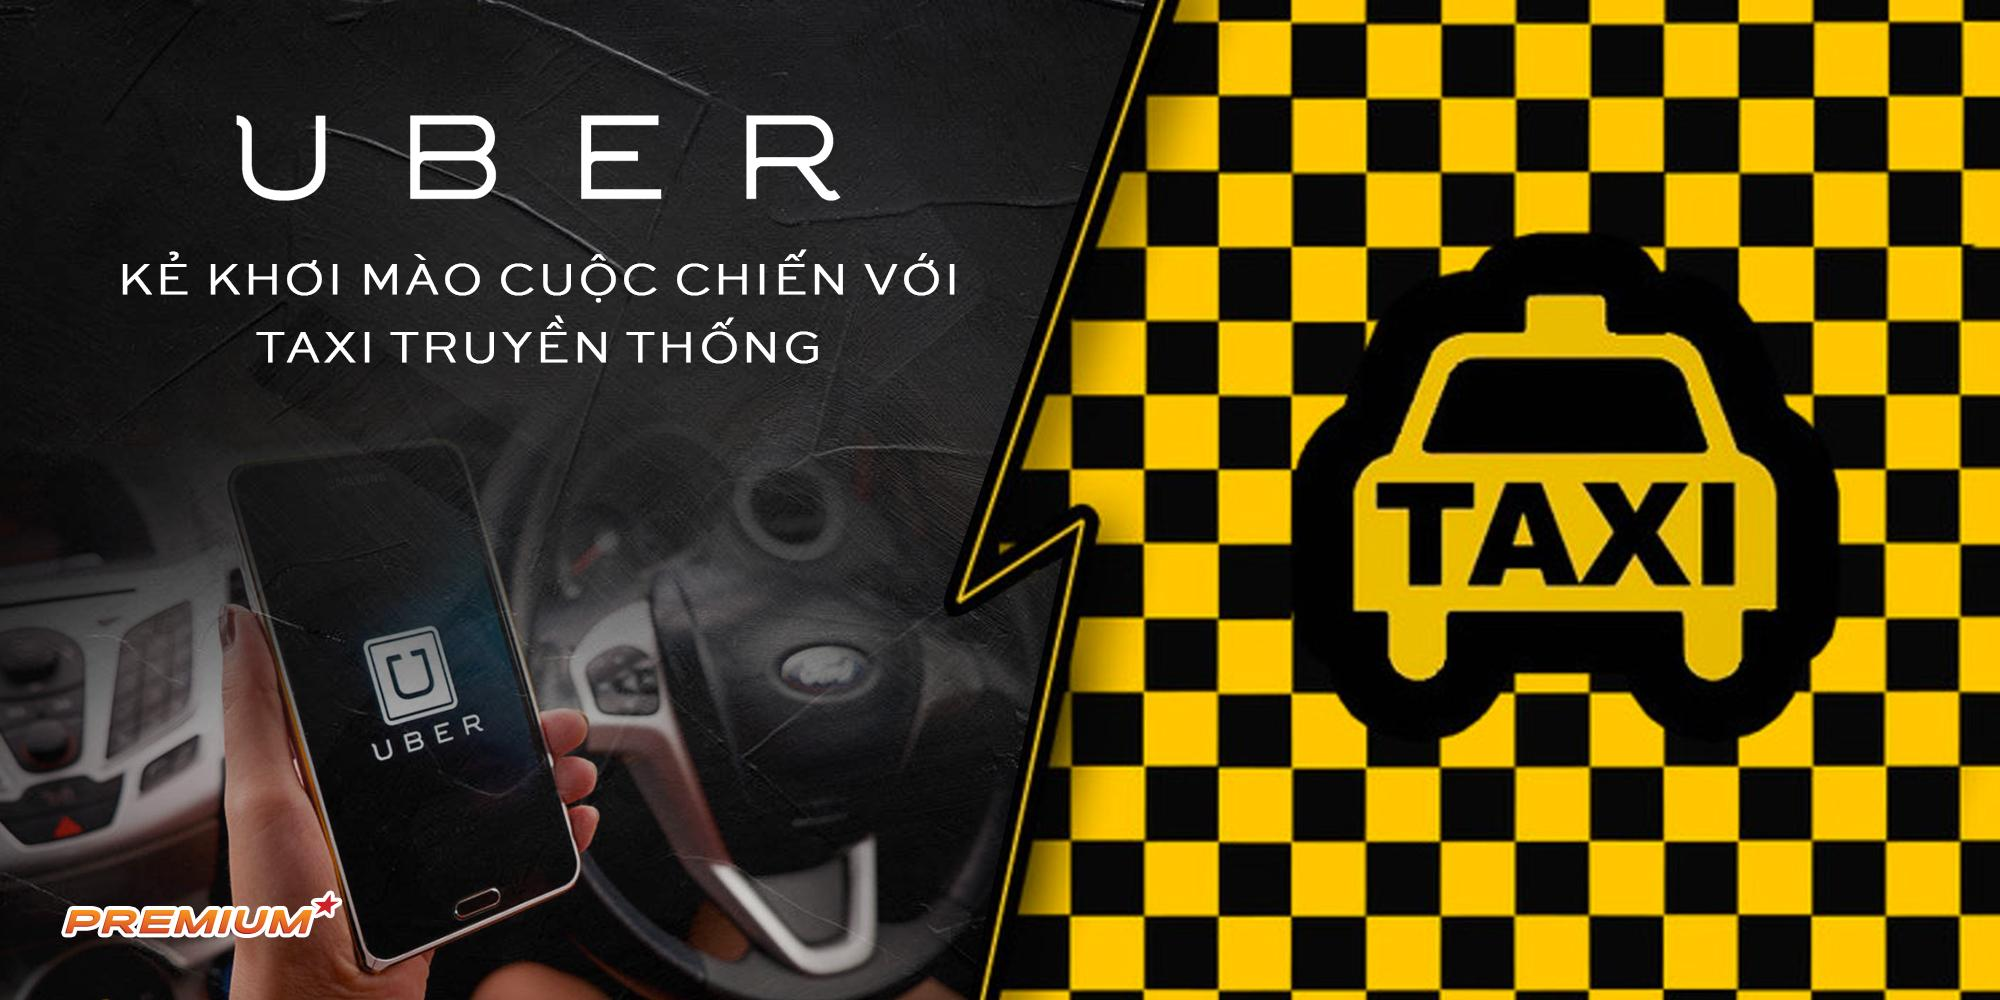 Uber: Kẻ khơi mào cuộc chiến với taxi truyền thống